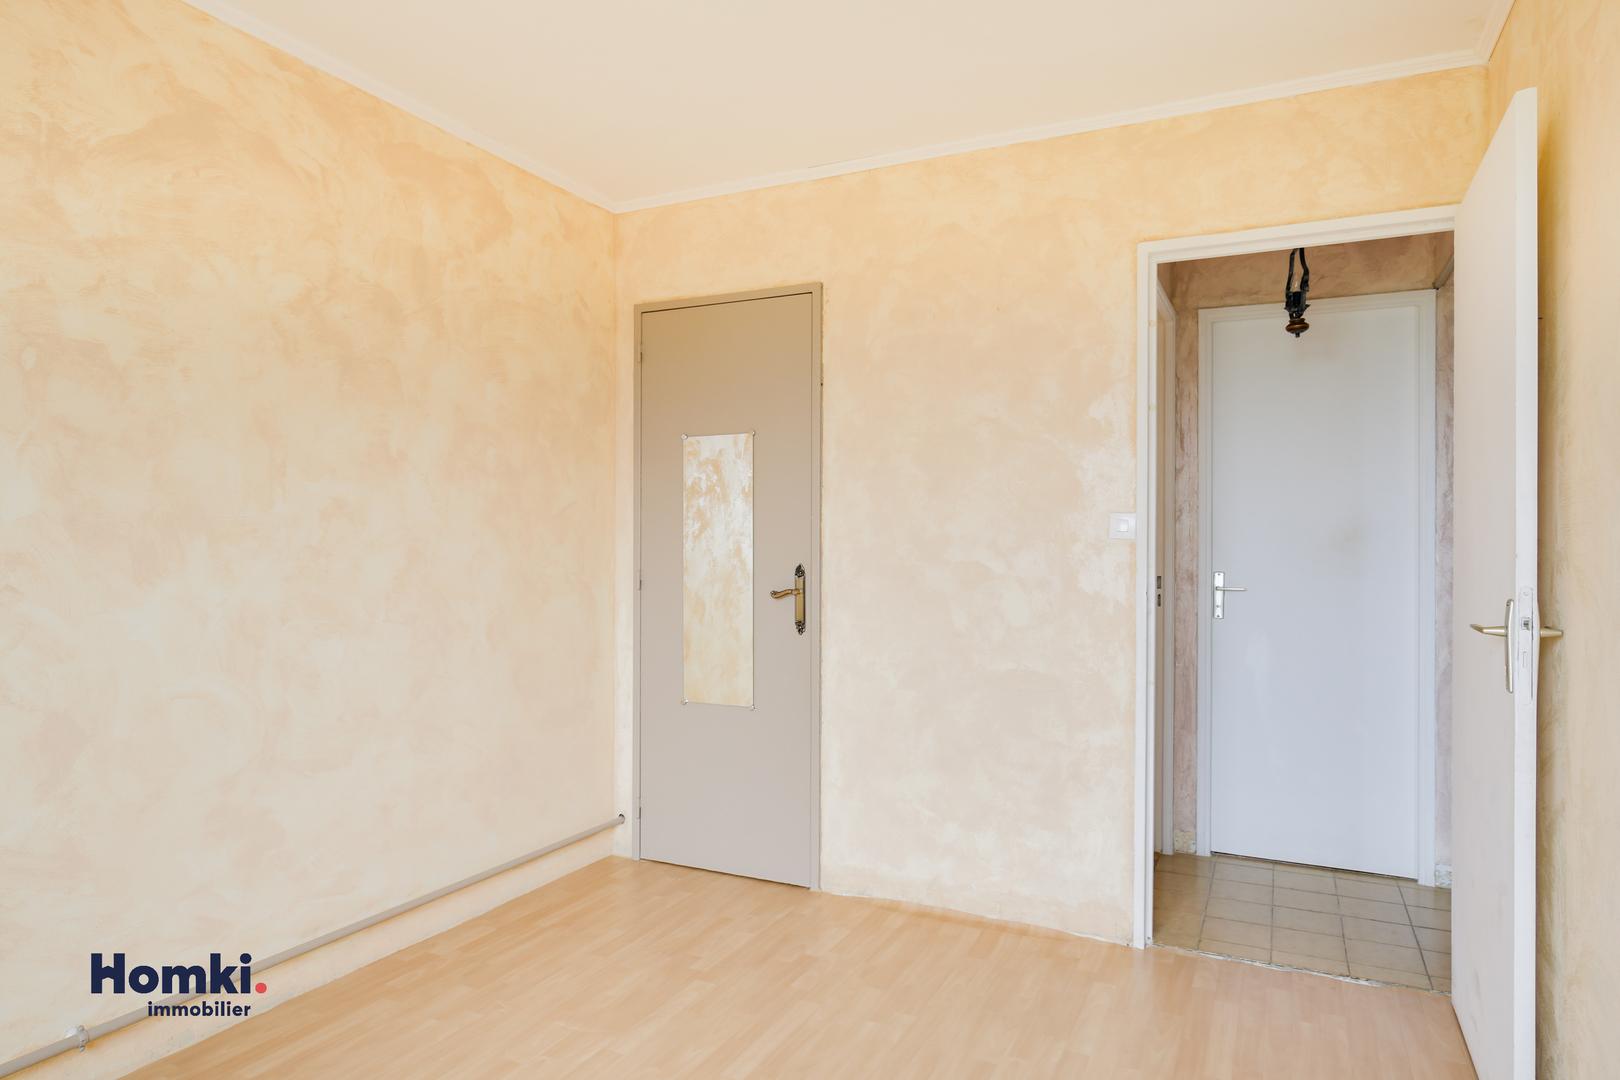 Vente appartement 75m² T4 69800_ 11